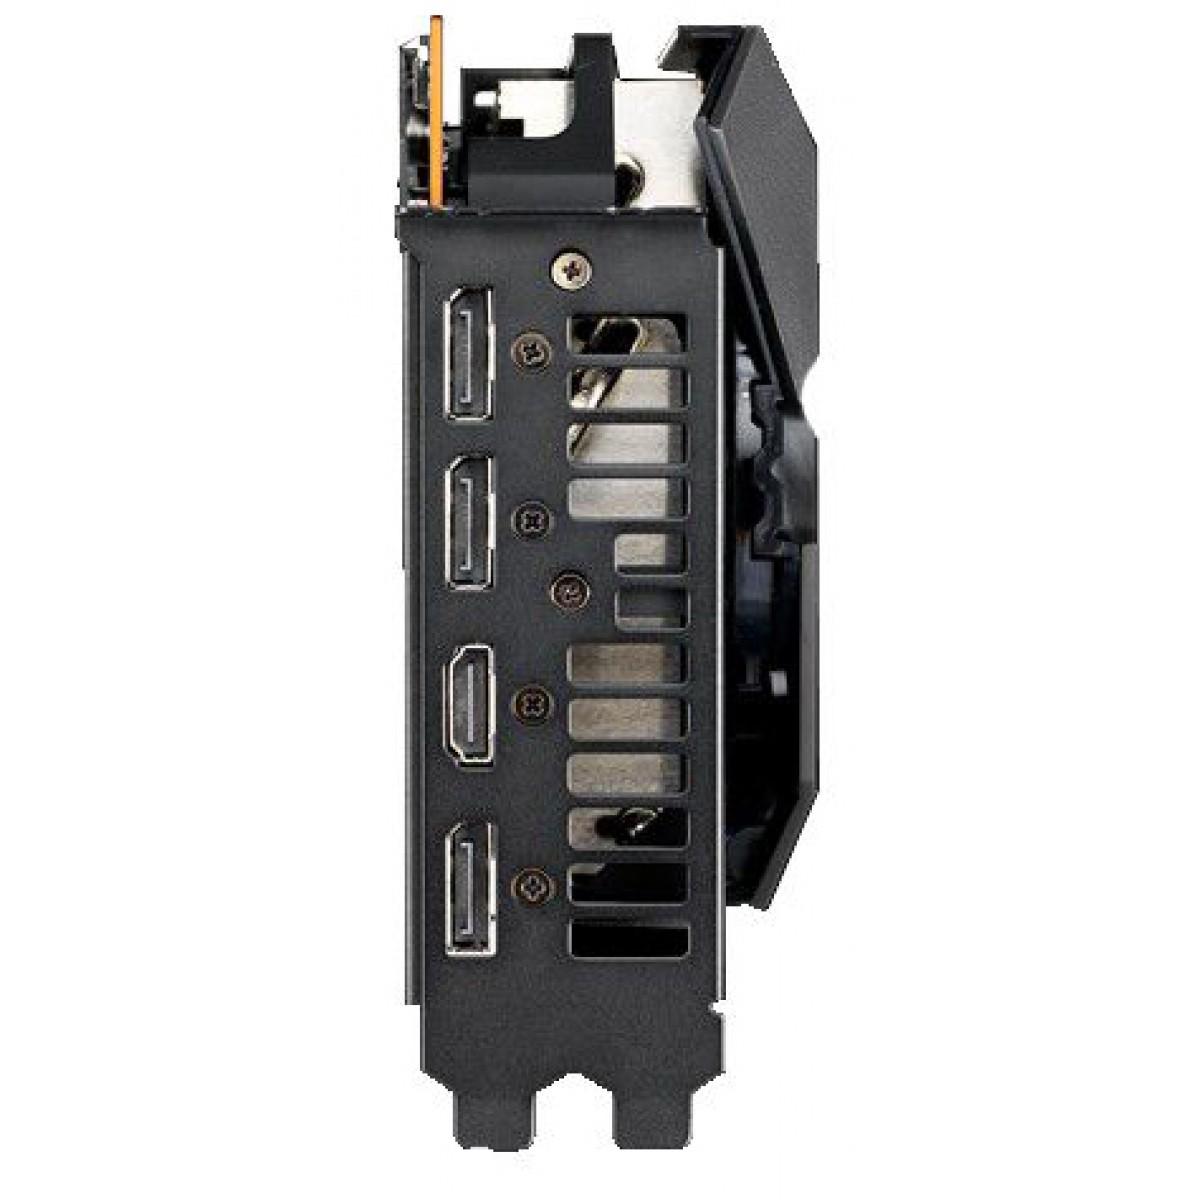 Placa de Vídeo Asus, Rog Strix Radeon, Navi RX 5700 OC, 8GB, GDDR6, 256Bit, ROG-STRIX-RX5700-O8G-GAMING